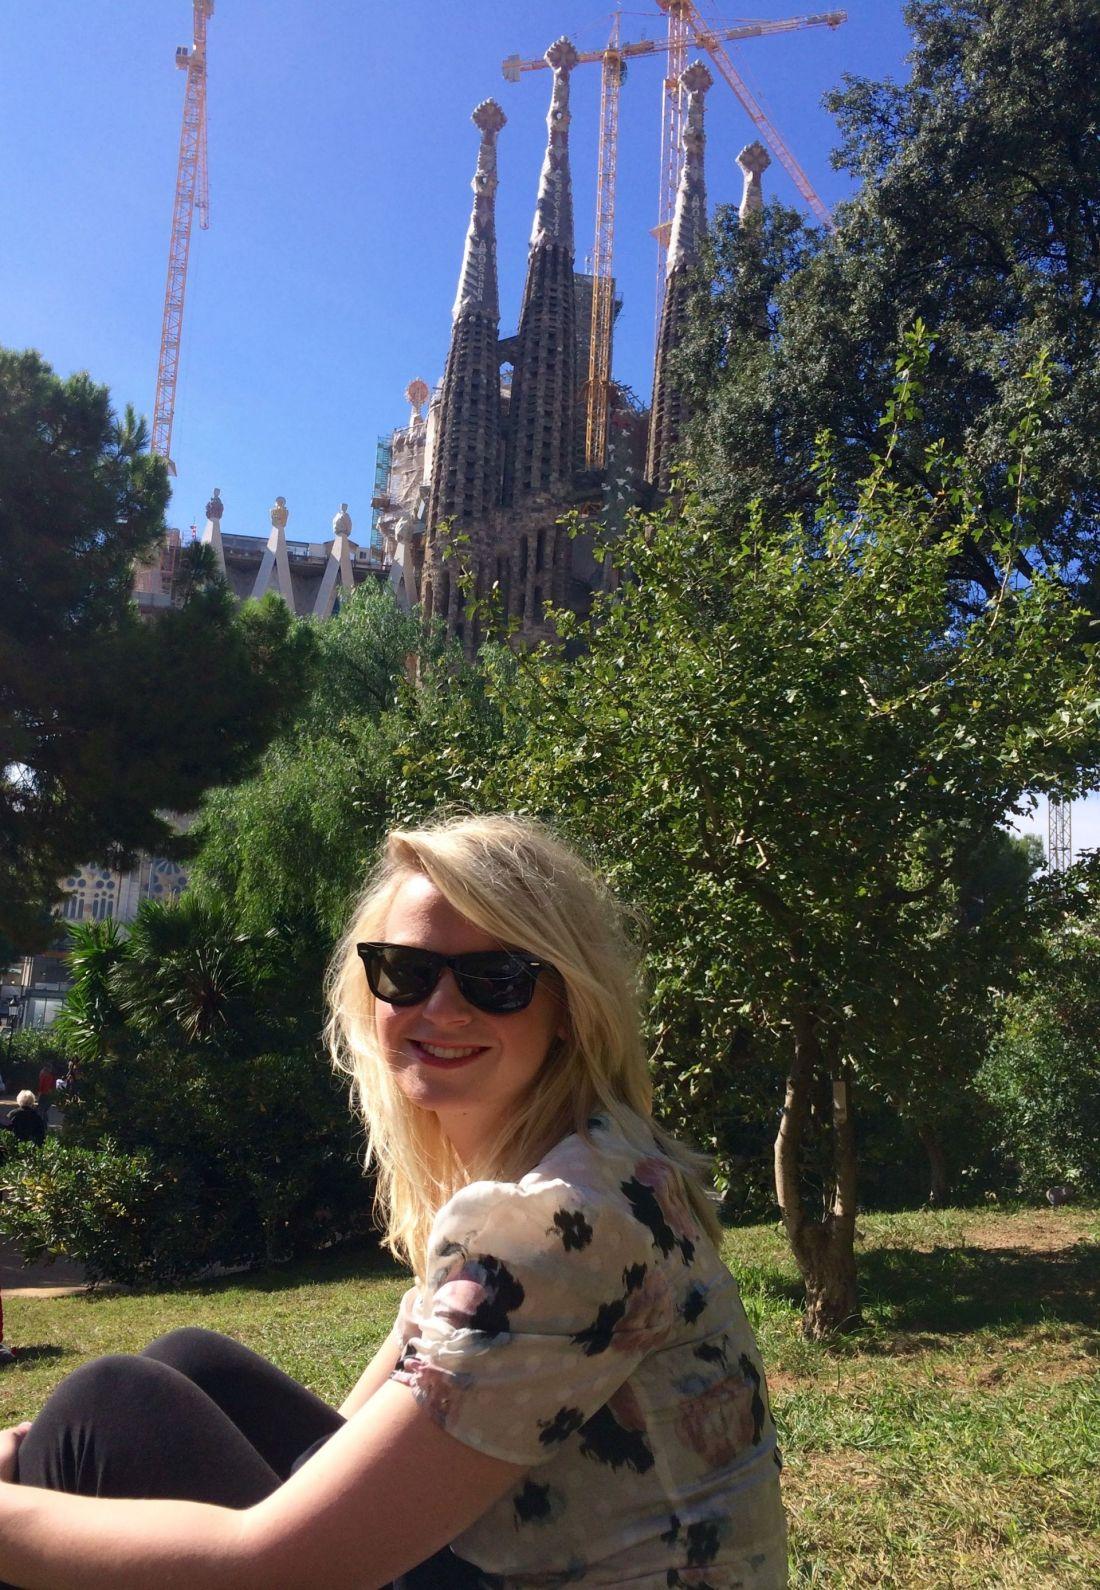 Laura at the Sagrada Familia